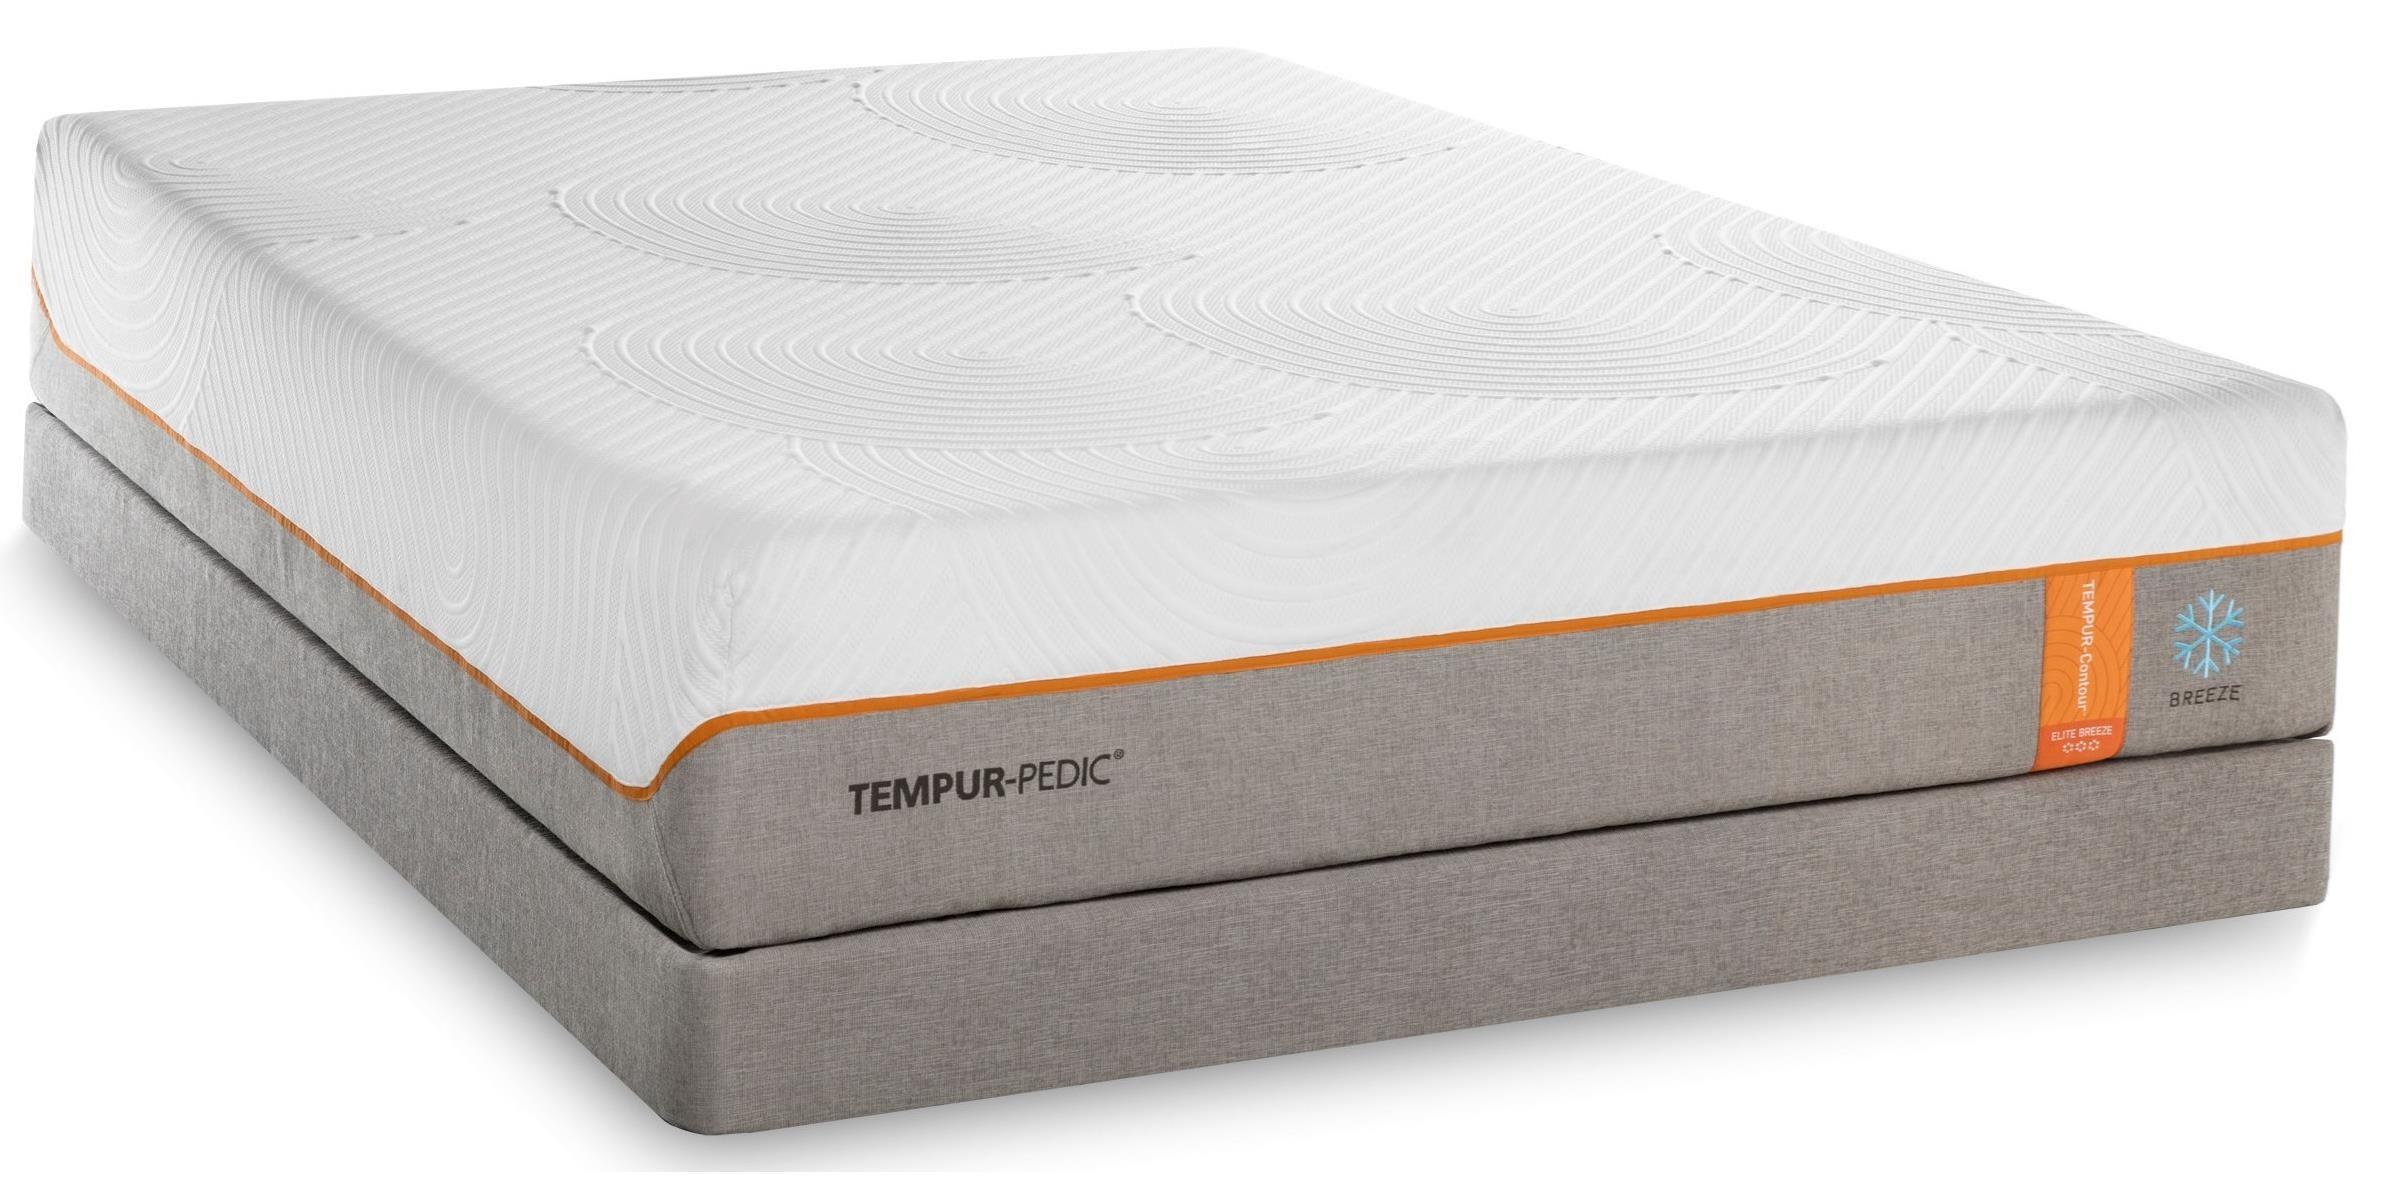 Tempur-Pedic® TEMPUR-Contour Elite Breeze Cal King Medium-Firm Mattress Set - Item Number: 10290280+2x21510190